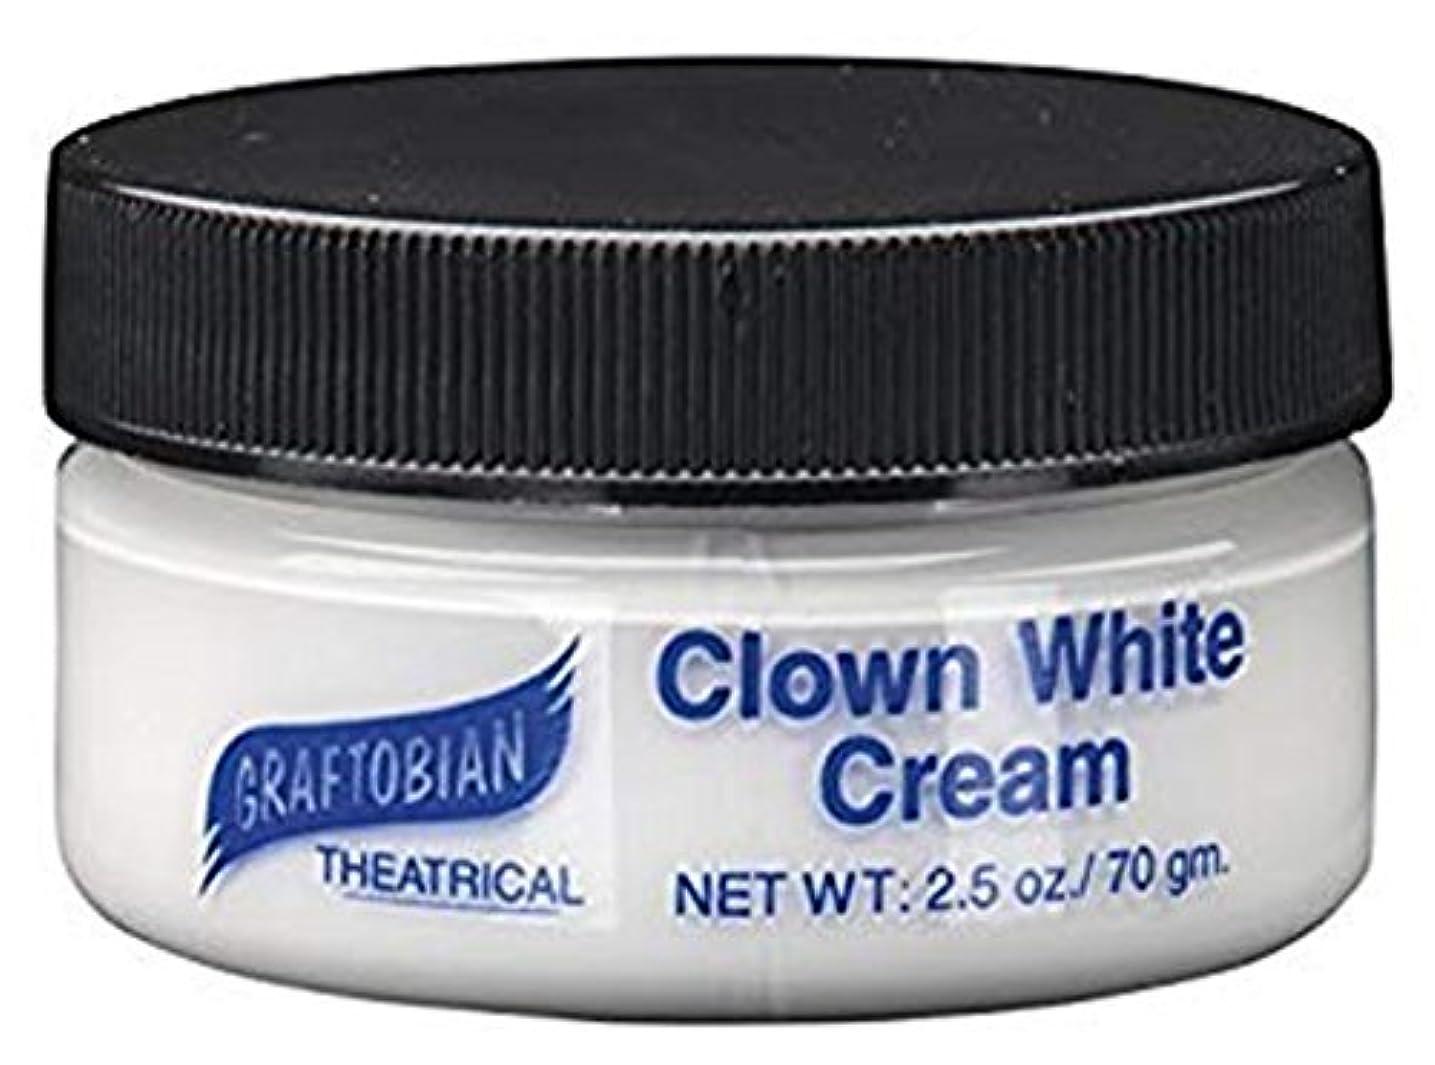 小屋サスペンション差し控えるClown White Creme Foundation (2.5 oz.) ピエロホワイトクリームファンデーション(2.5オンス)?ハロウィン?クリスマス?2.5 oz.